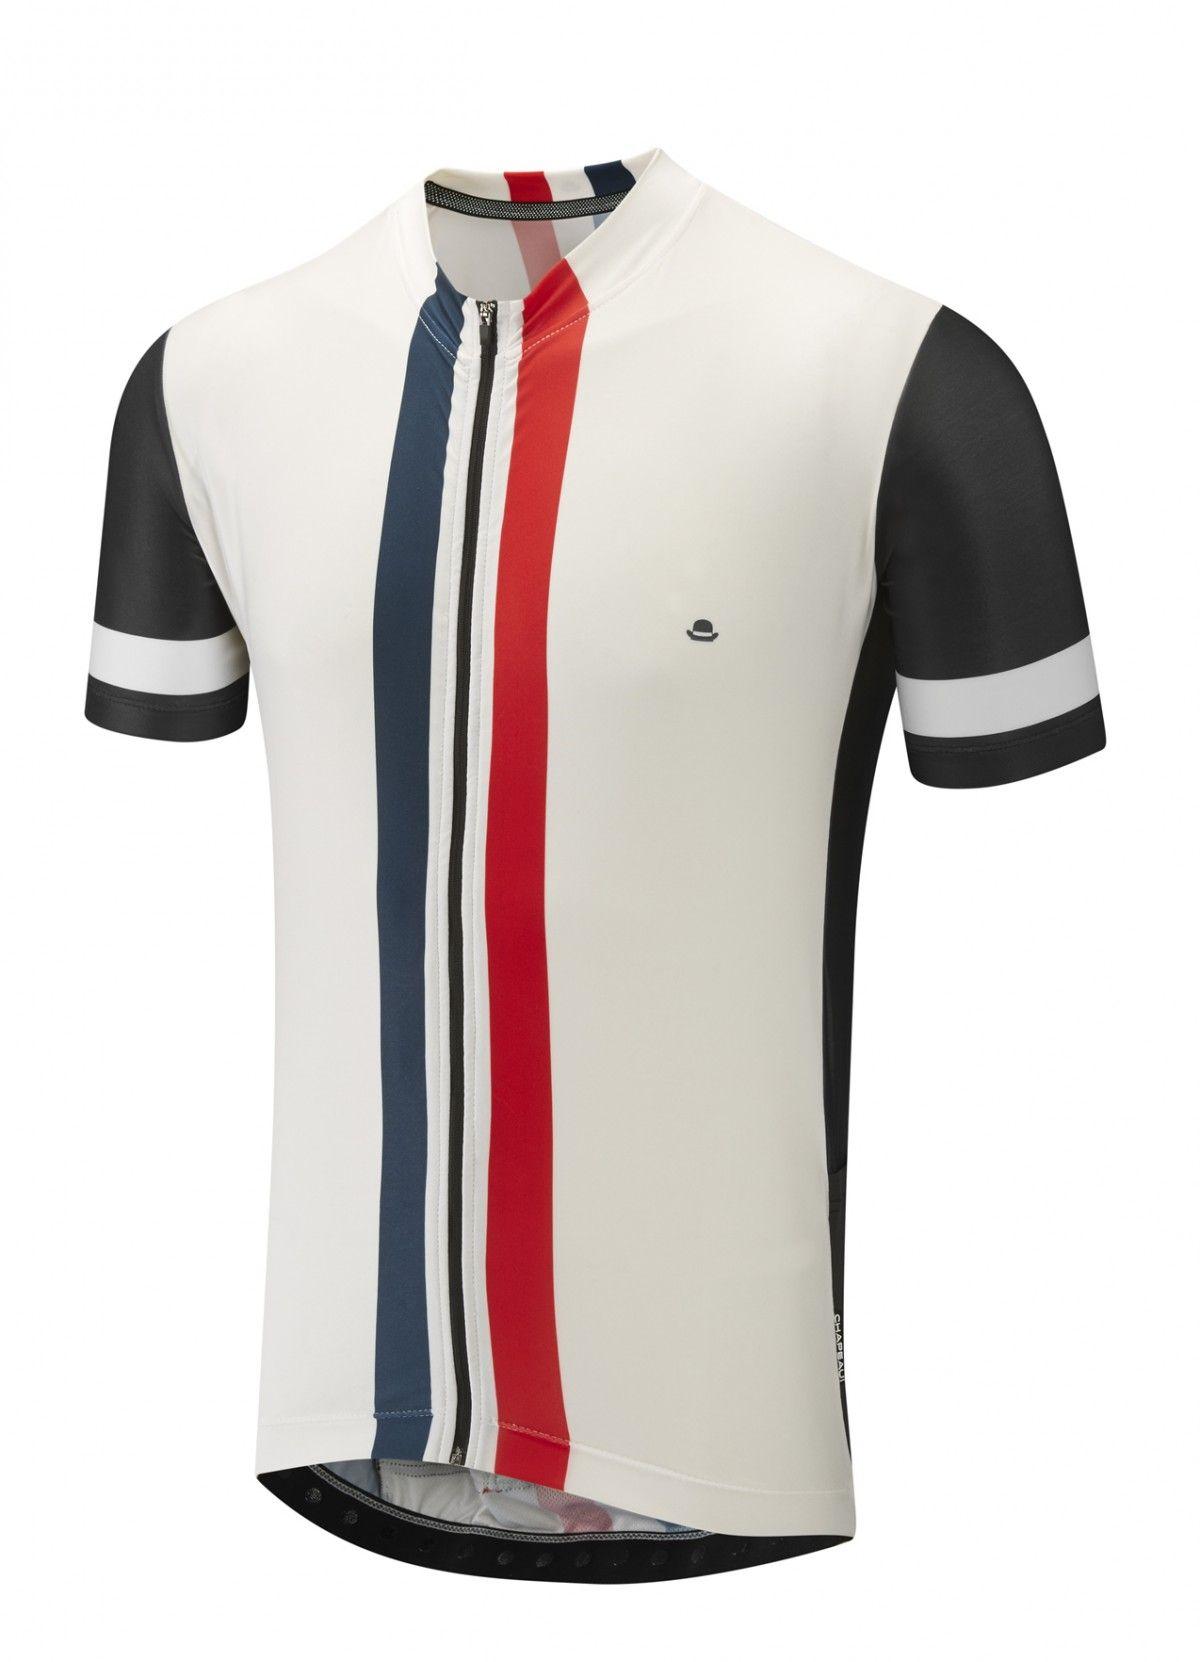 Etape Jersey - White Vertical Stripe - Cycling Jerseys - Men - Chapeau! fe2c5d717